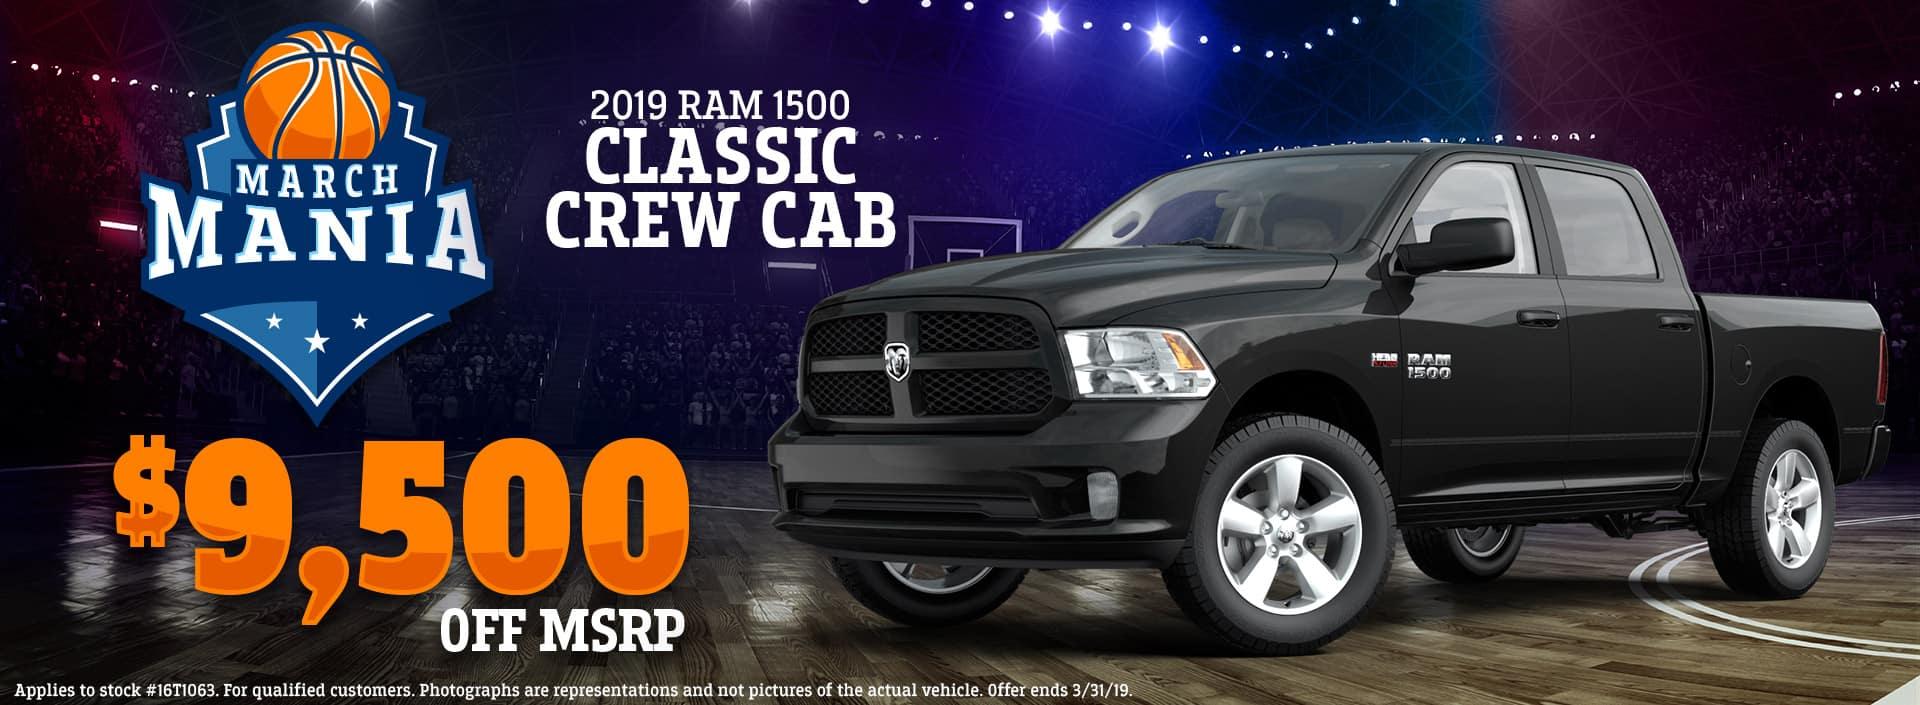 3.19 - 2019 RAM 1500 Classic Crew Cab